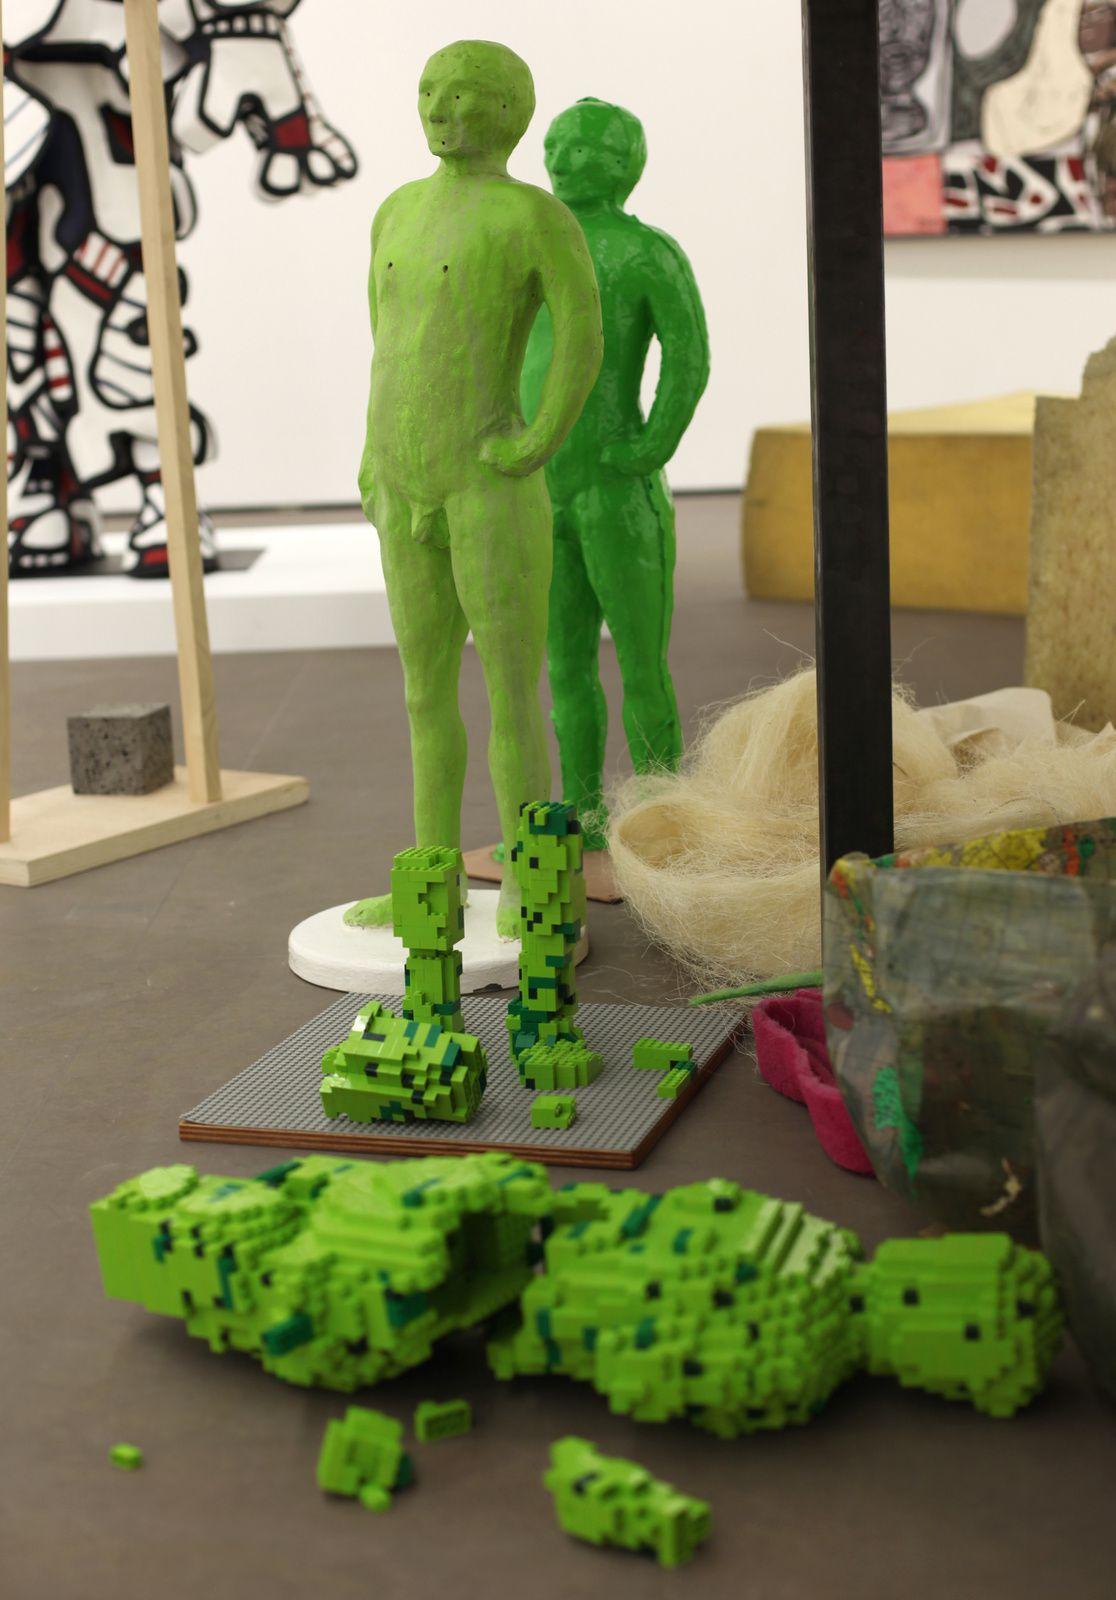 """""""L'homme de Bessines"""", 2014""""La maison de POF's"""", 2016 - 2017 de Fabrice HYBER - Courtesy Galerie Nathalie OBADIA © Photo Éric Simon"""